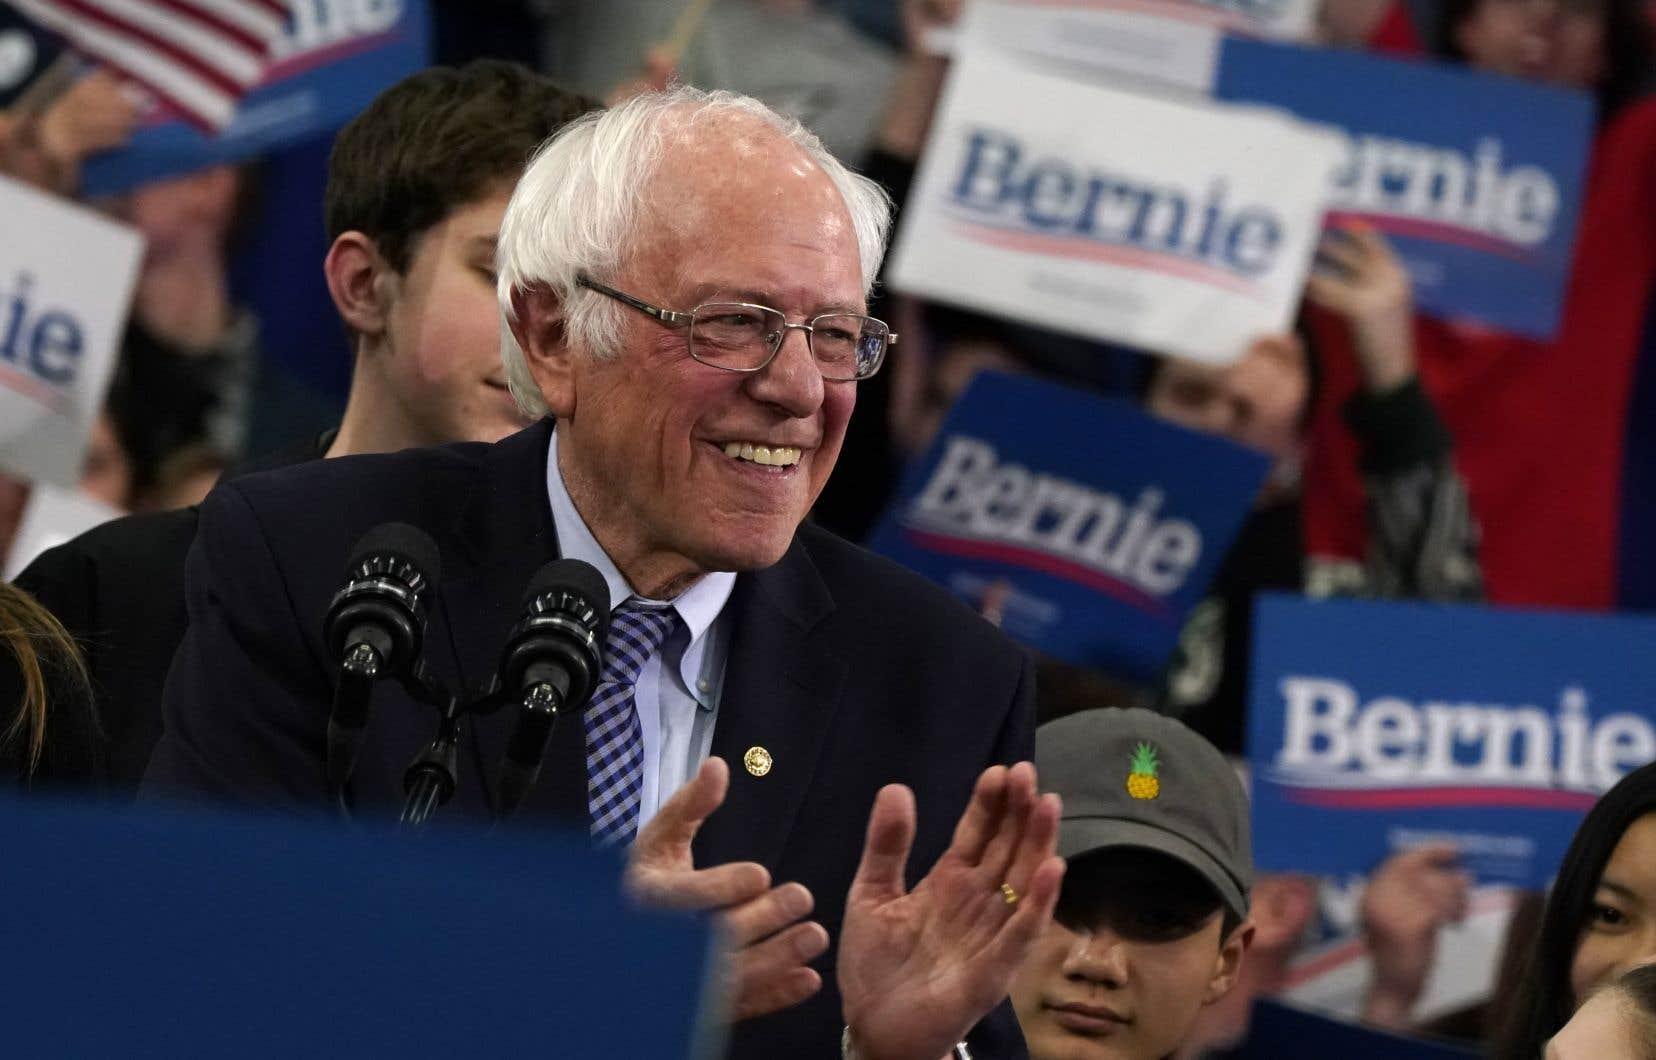 Bernie Sandersa remporté, avec une très mince majorité,la primaire du New Hampshire, mardi soir.